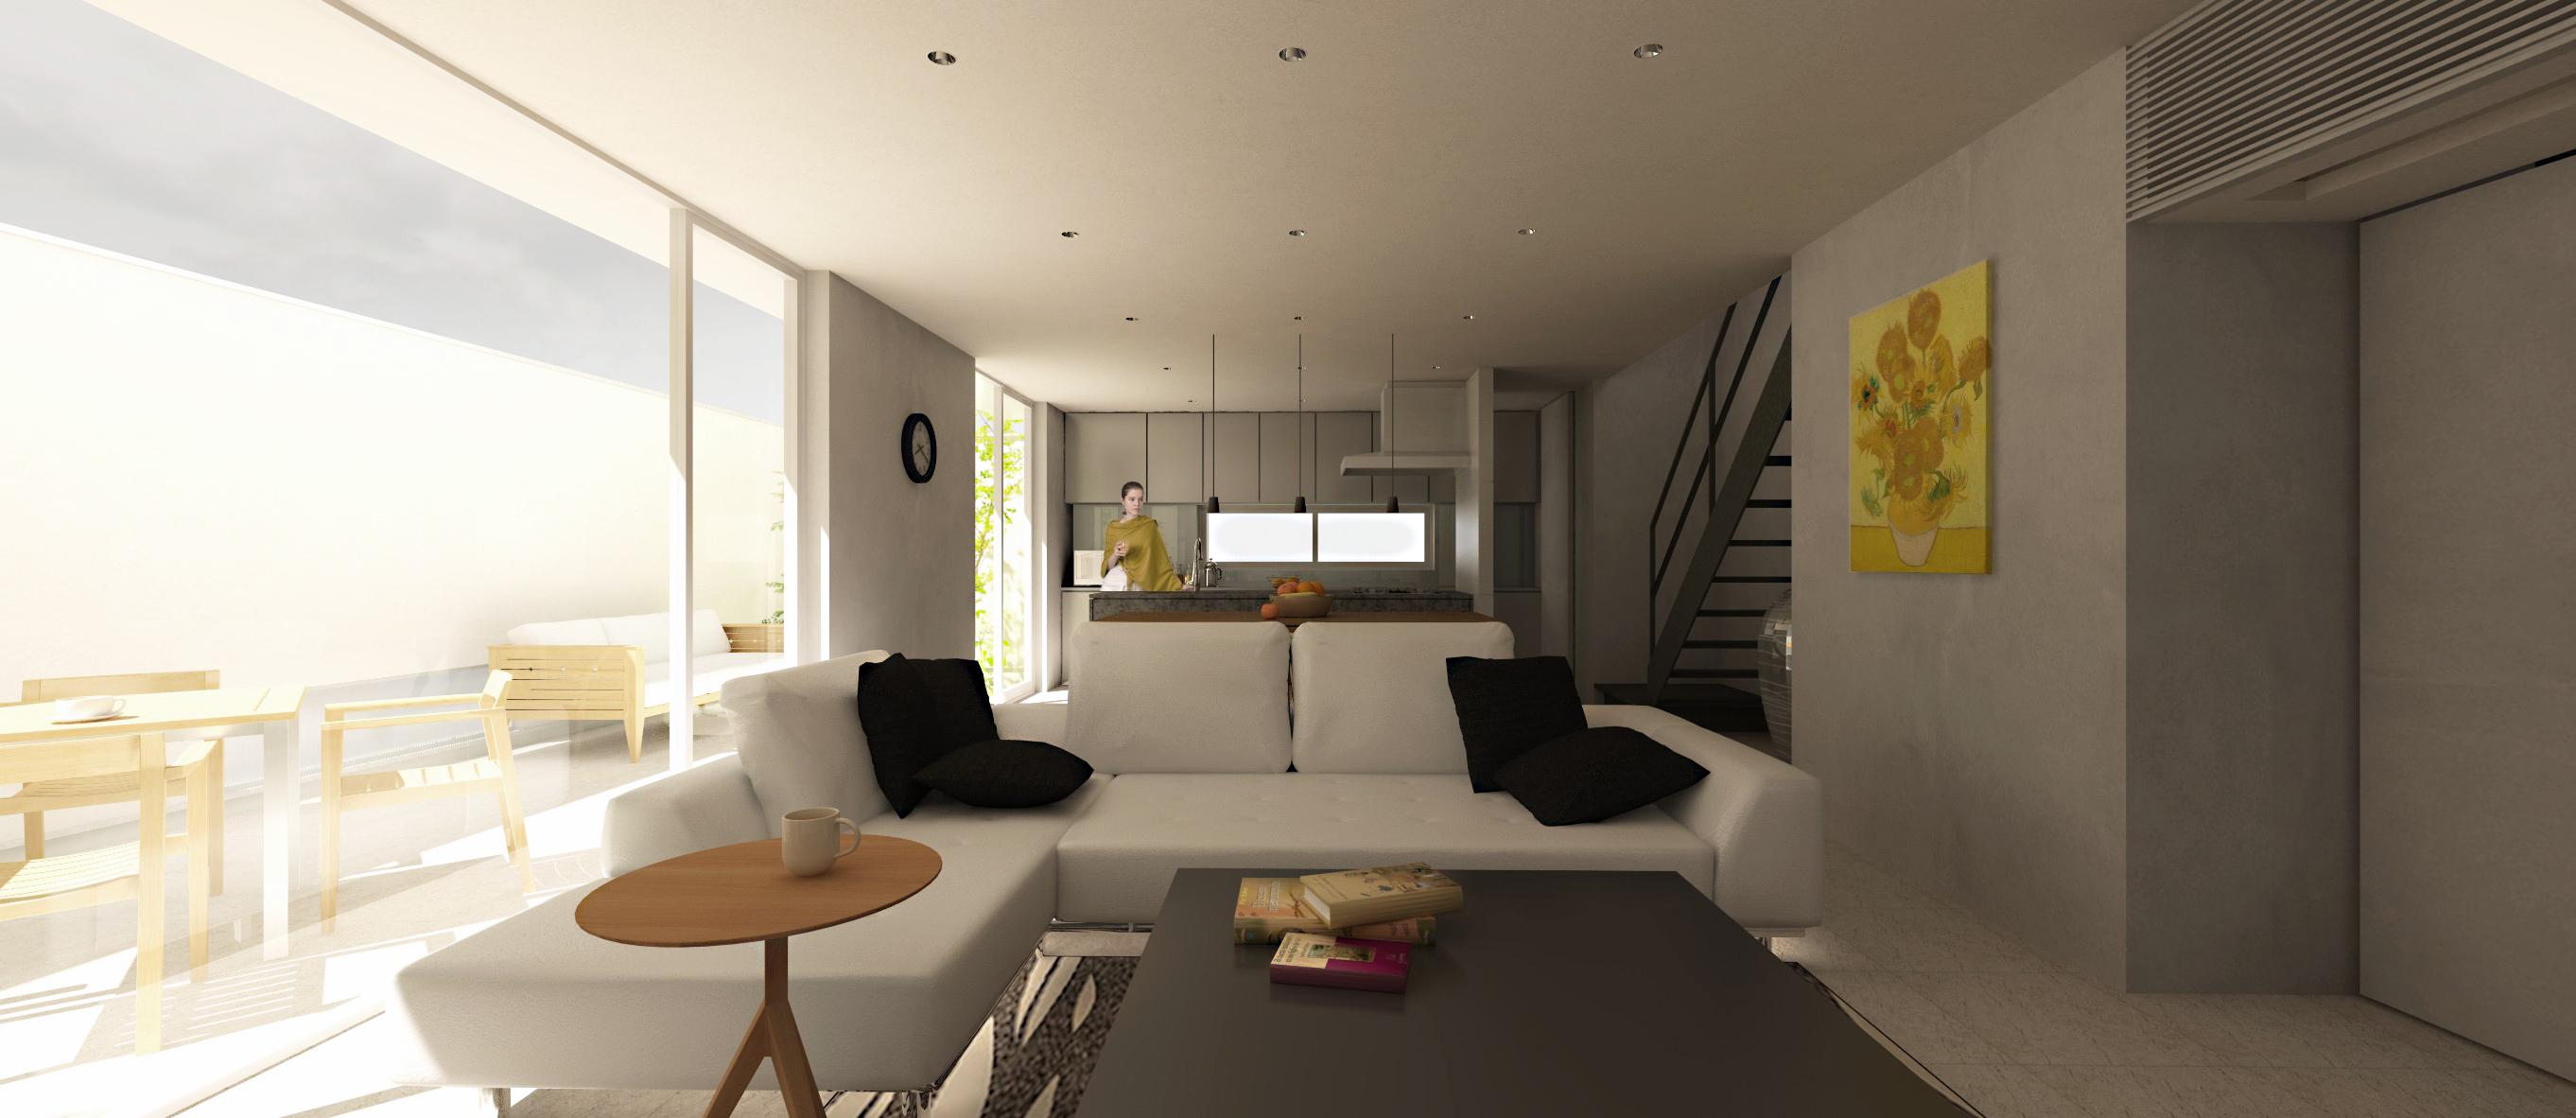 夙川の家2|大阪の建築設計事務所|一級建築士事務所エヌアールエム